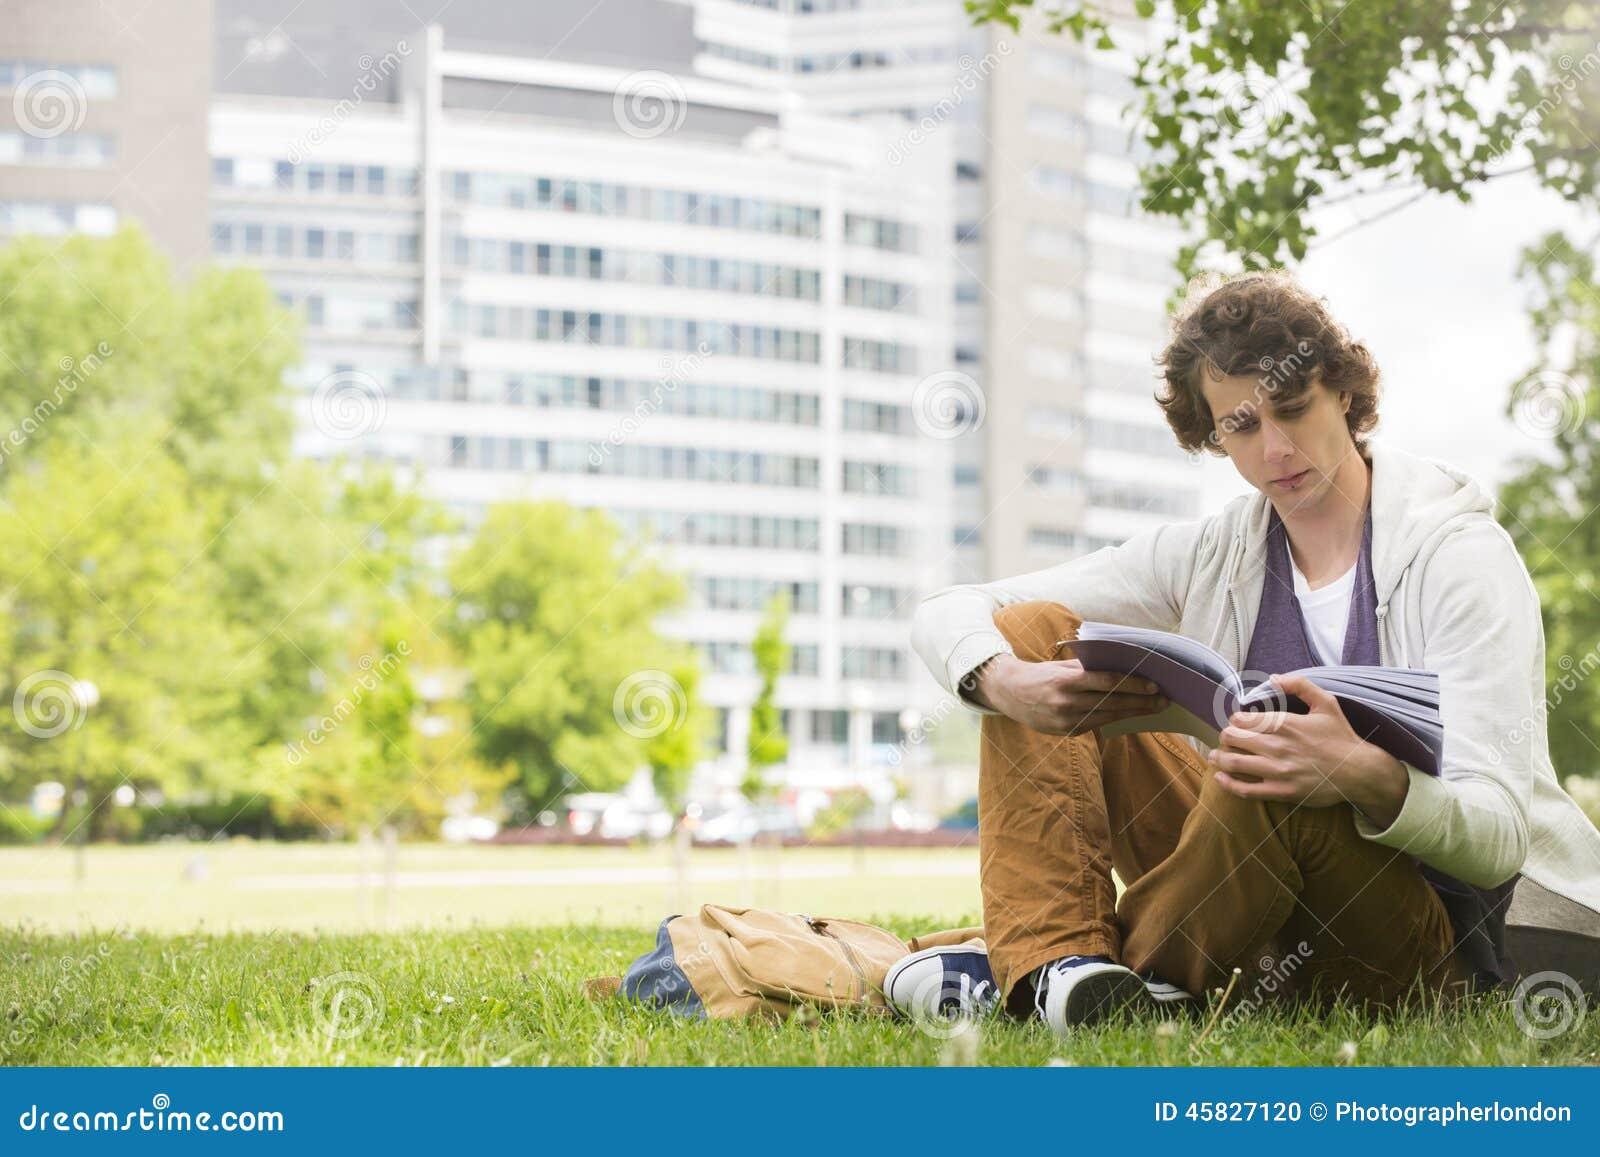 Comprimento completo do livro de leitura do homem novo no terreno da faculdade